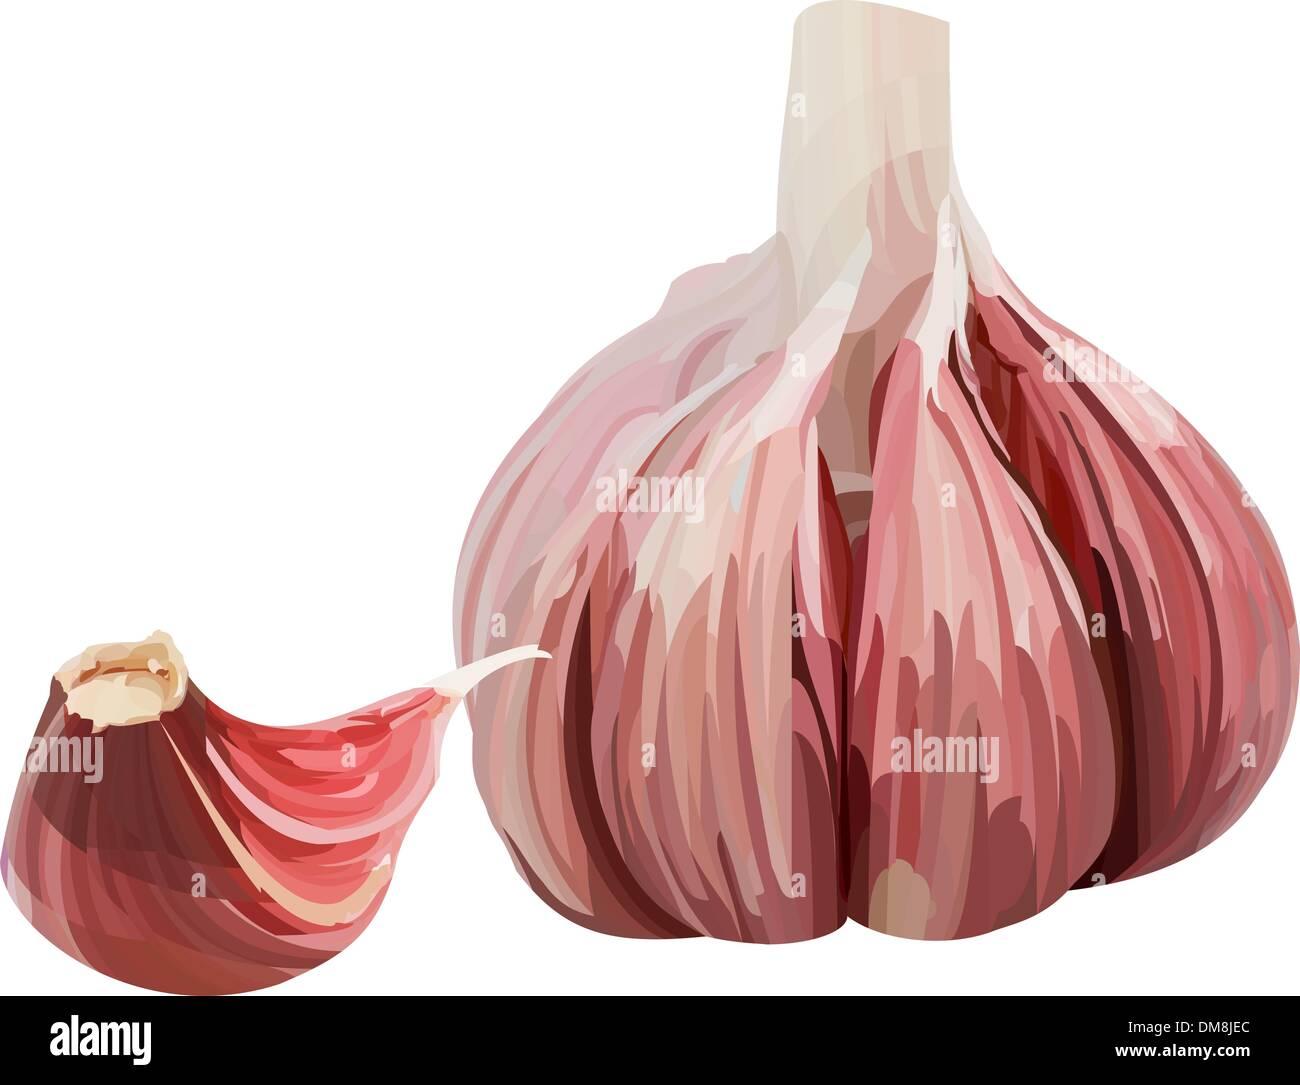 Vector garlic. - Stock Vector